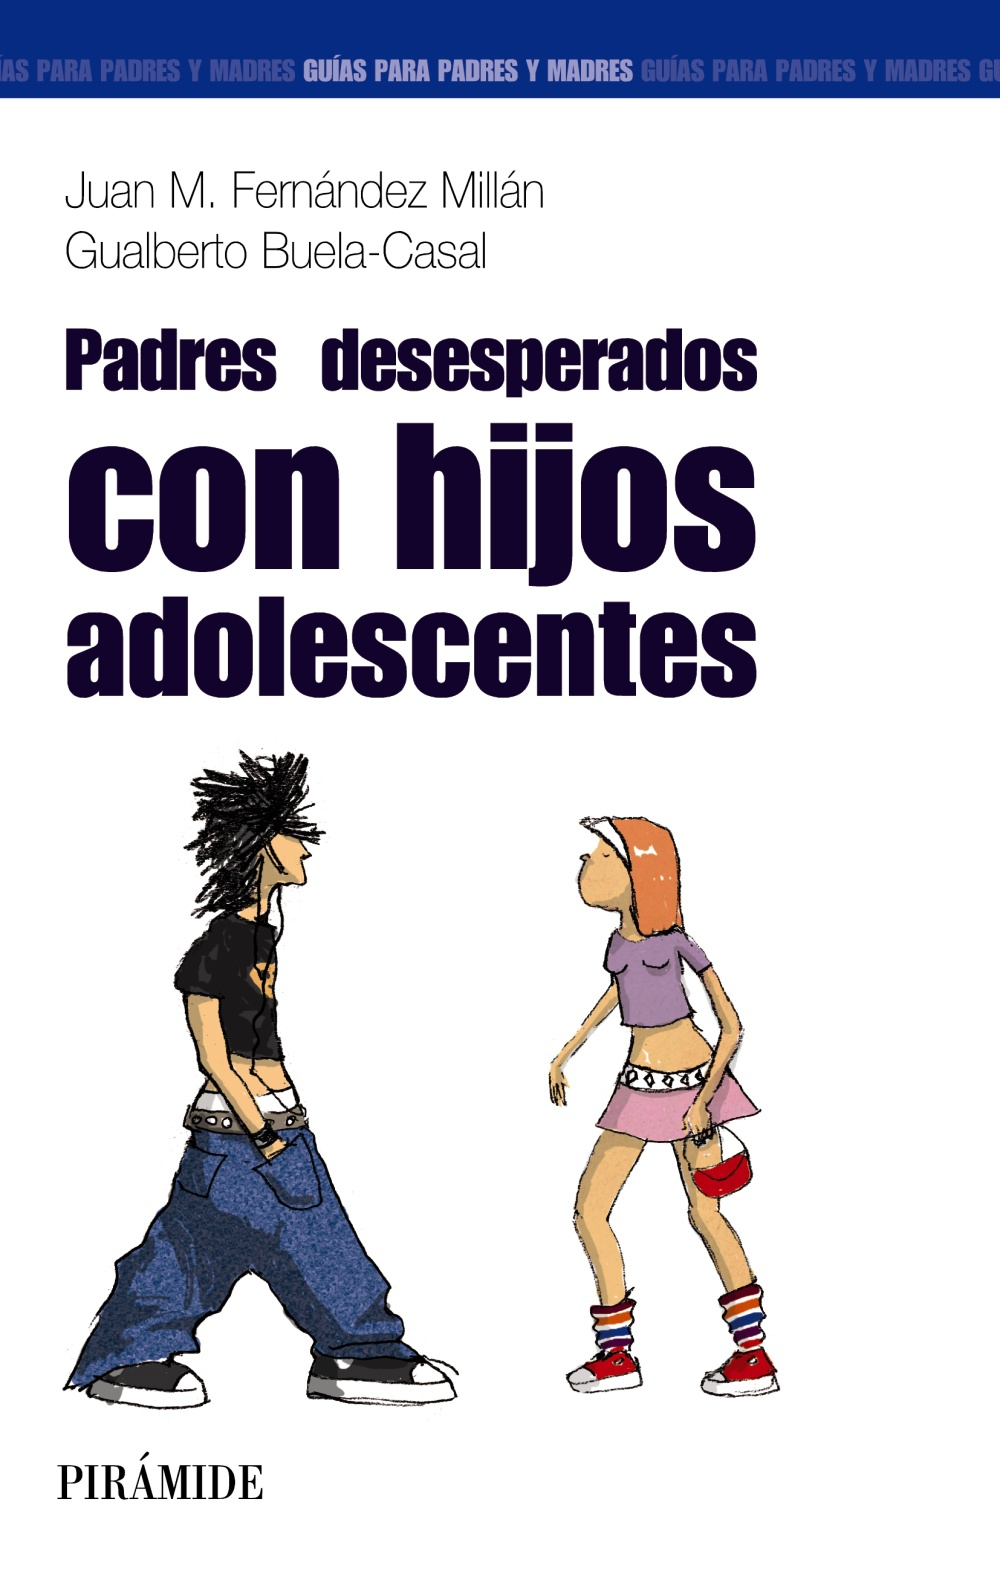 Adolescentes desesperados agachados